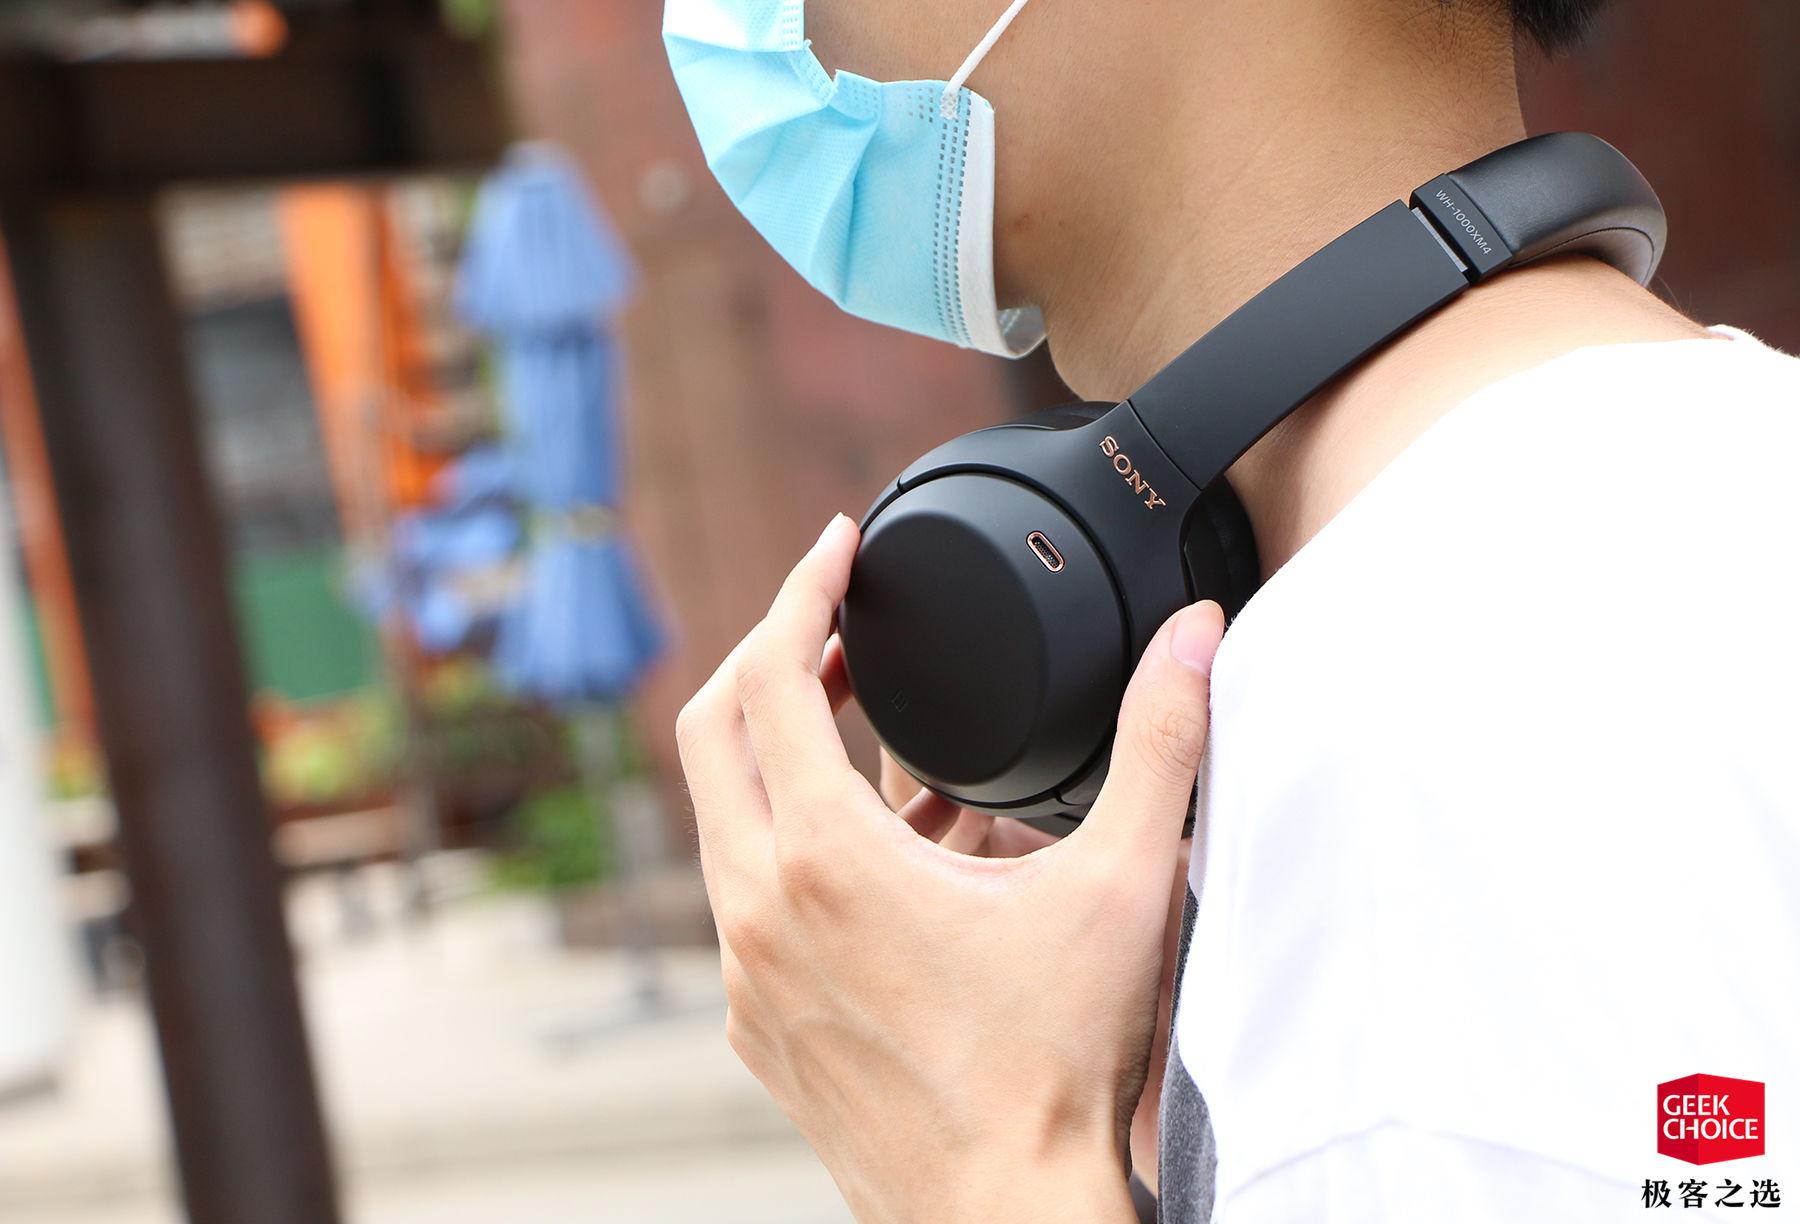 索尼 WH-1000XM4  体验:头戴式降噪耳机新标杆?